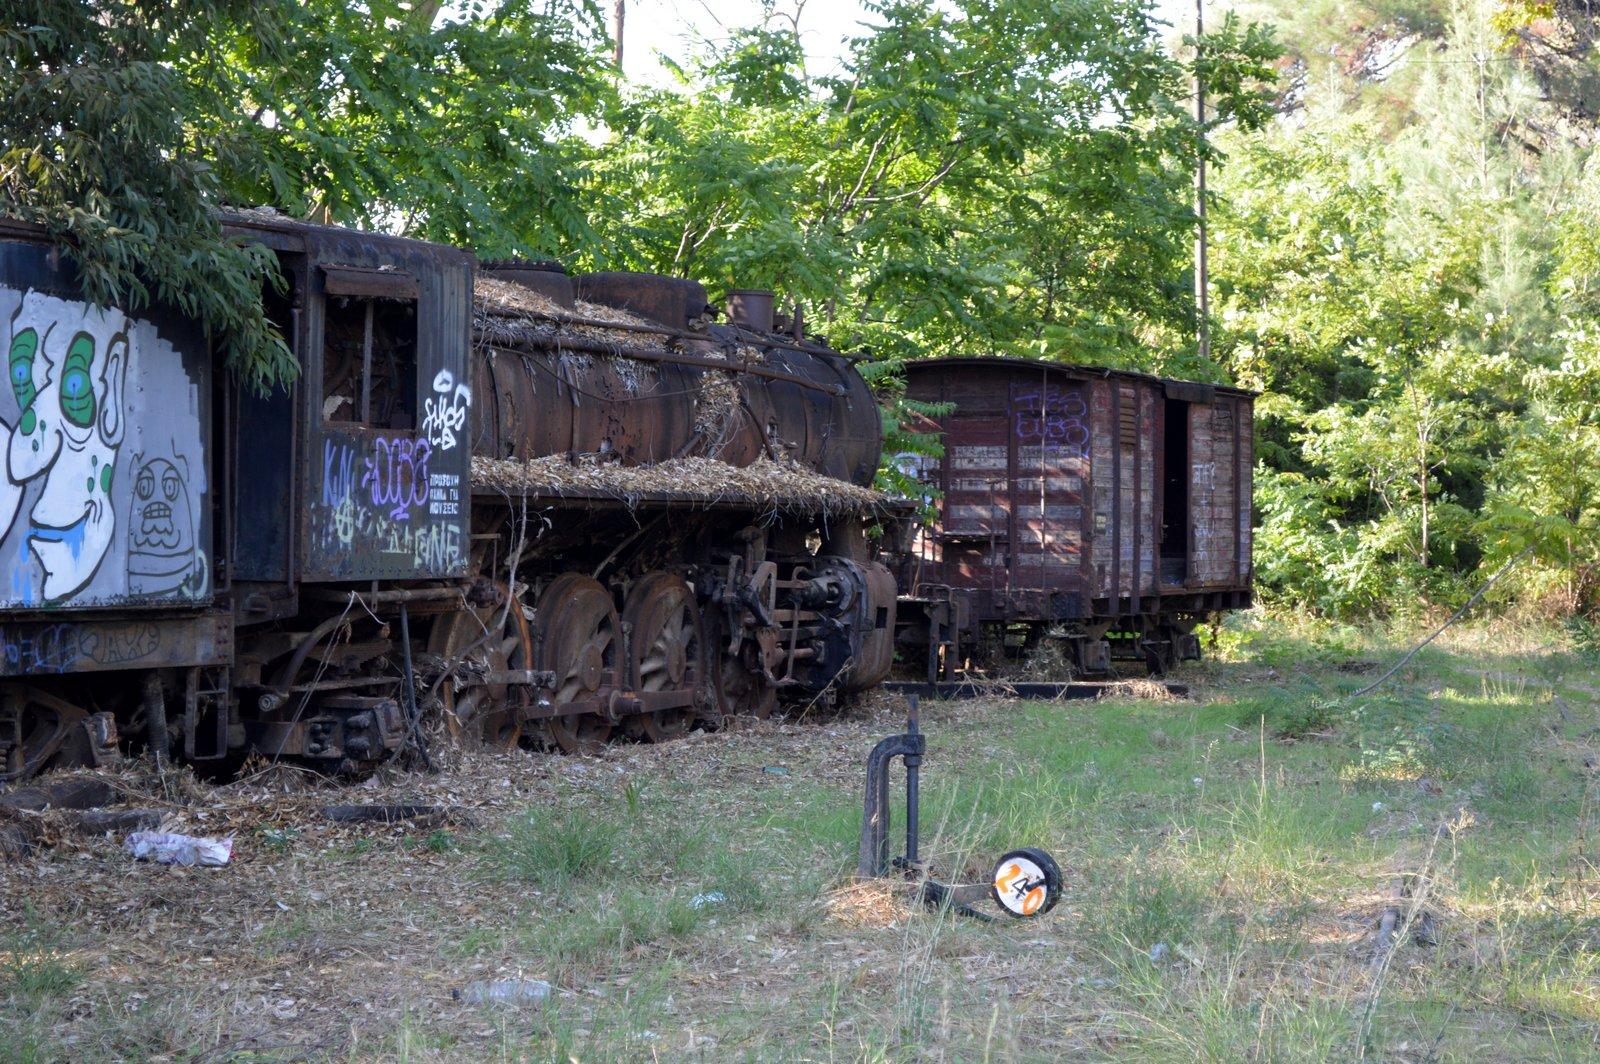 62 jernbane